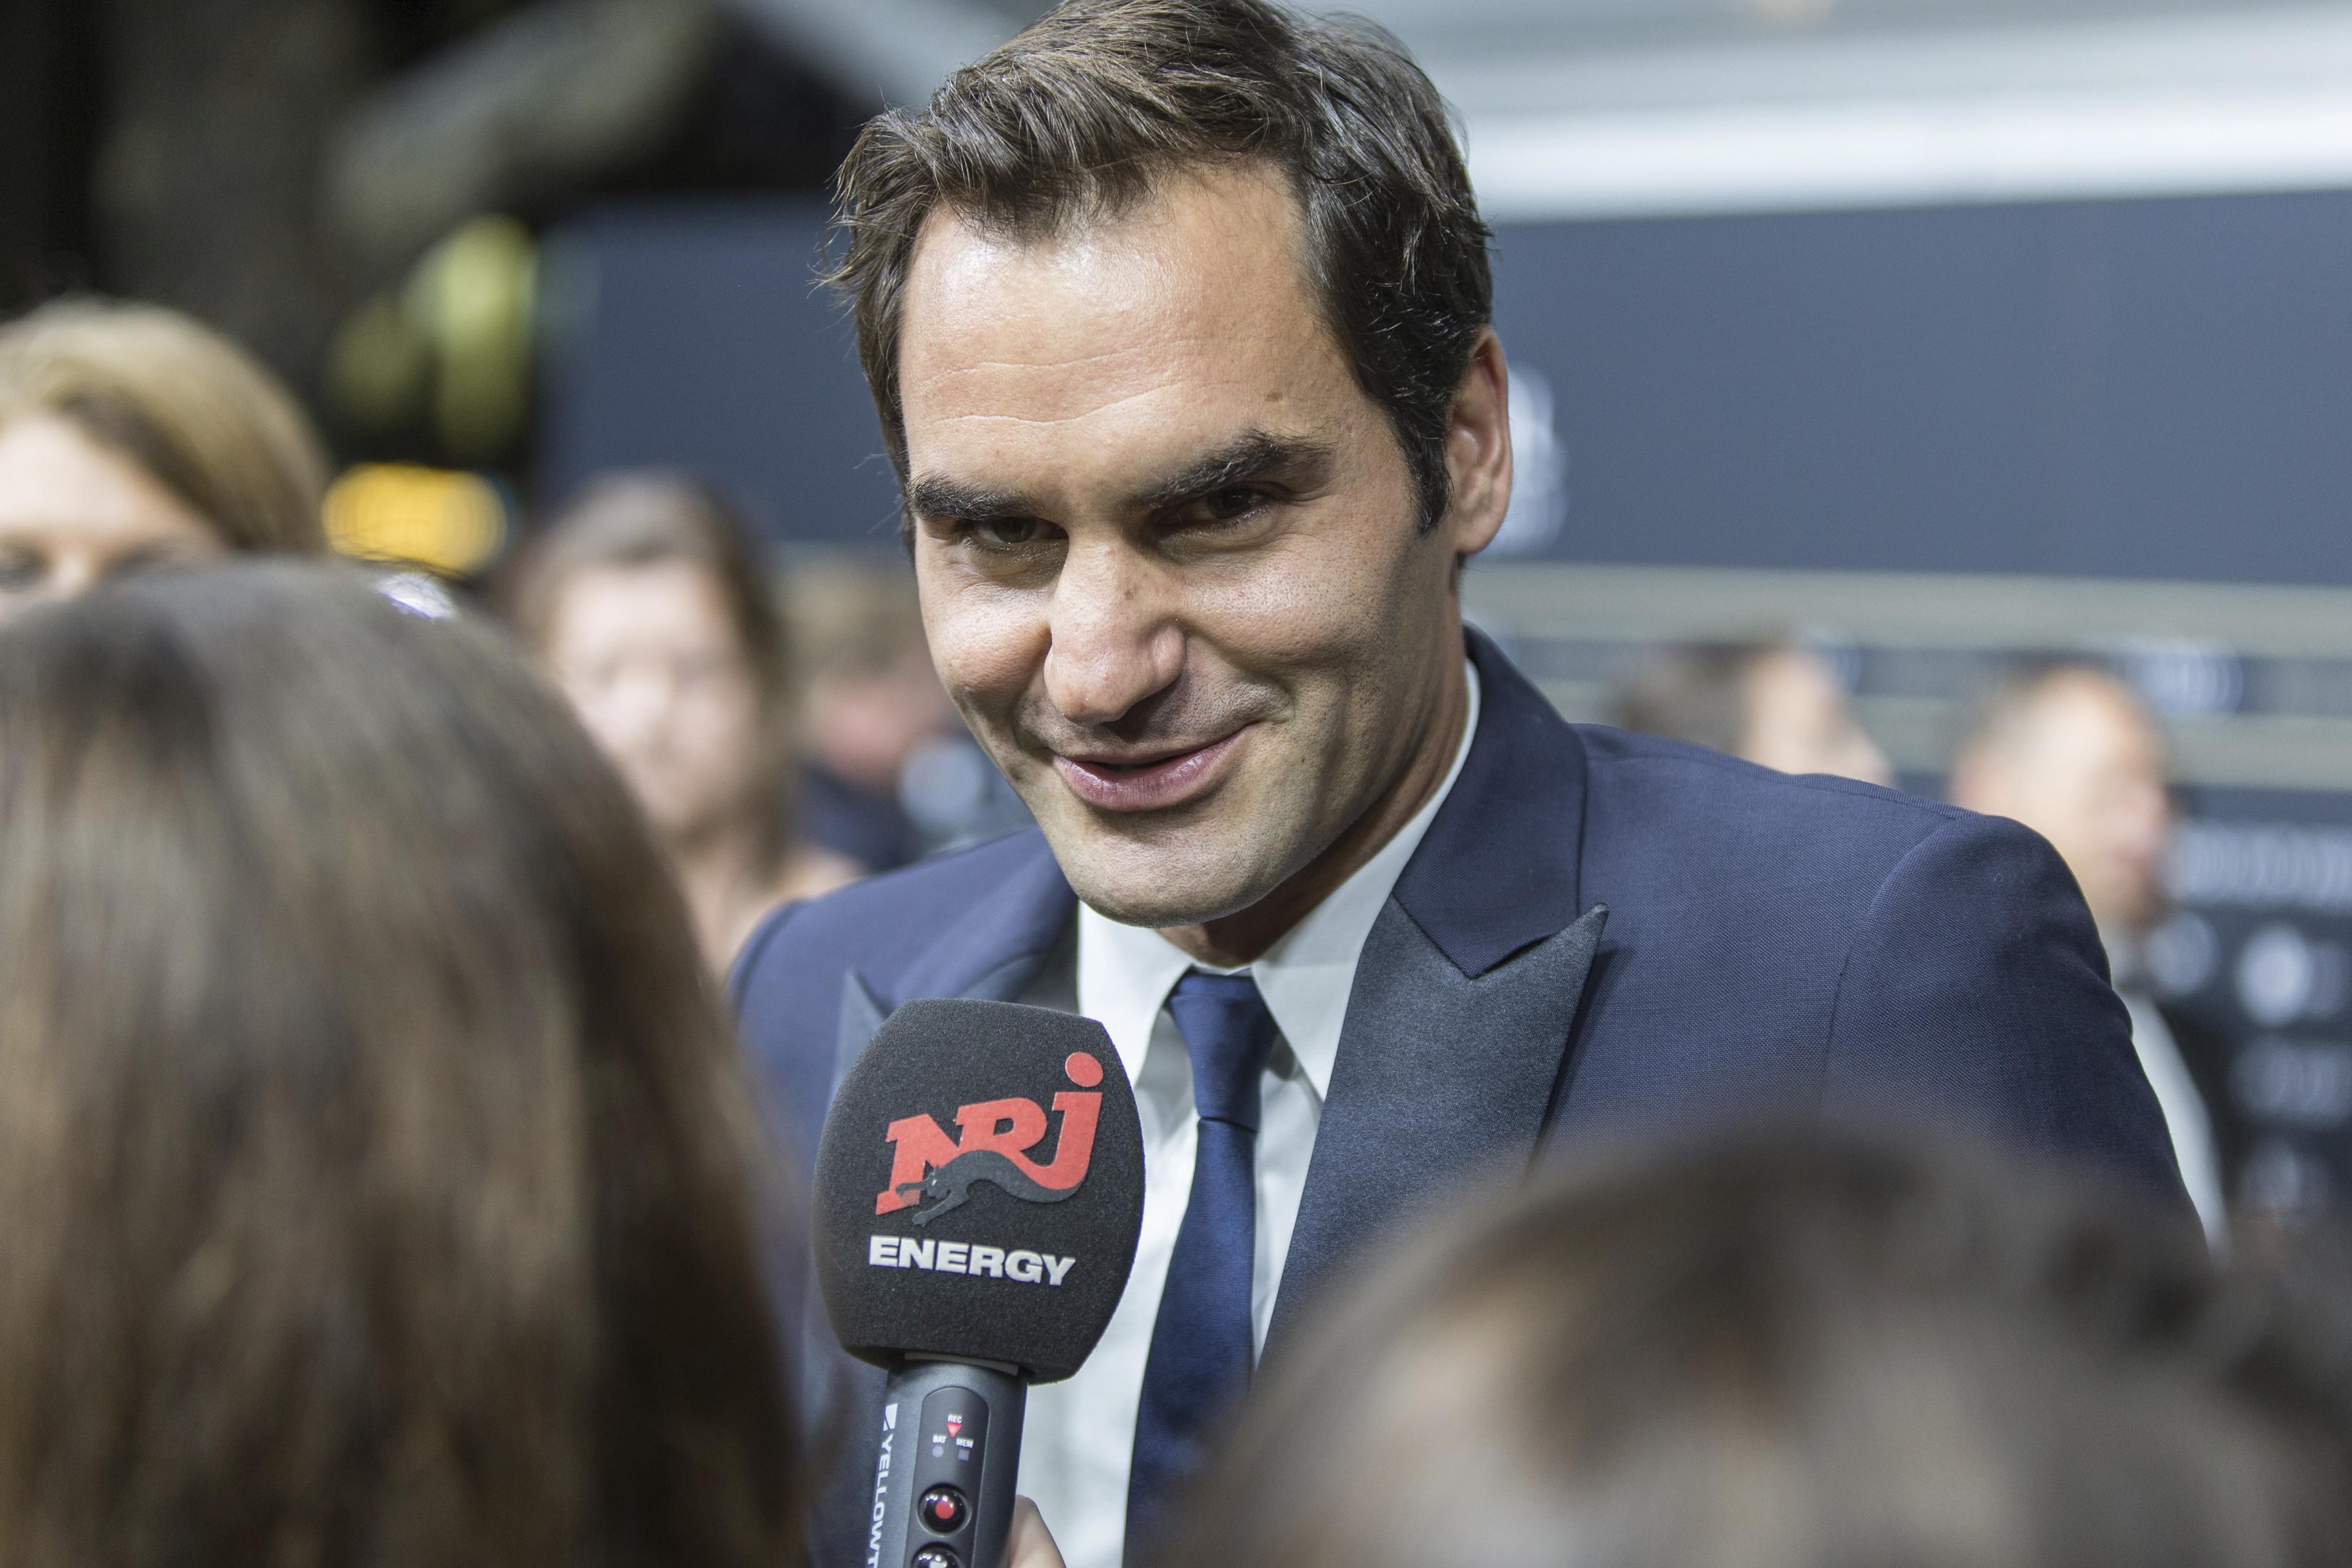 Tennis - ATP - Federer docteur honoris causa à l'Université de Bâle